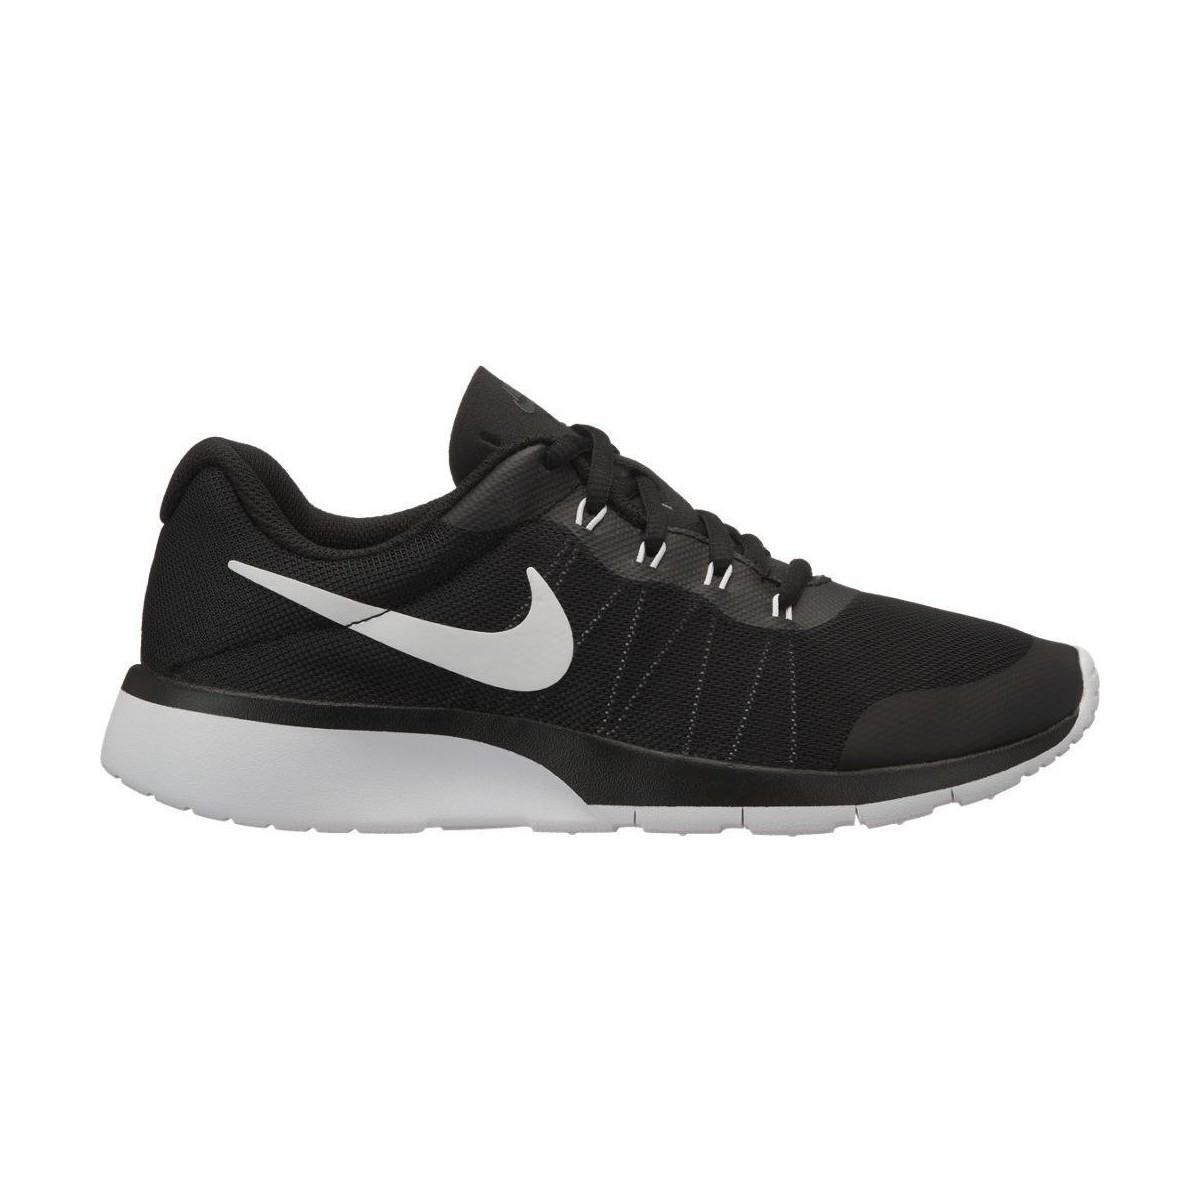 Sneakers Nike  Tanjun Racer GS